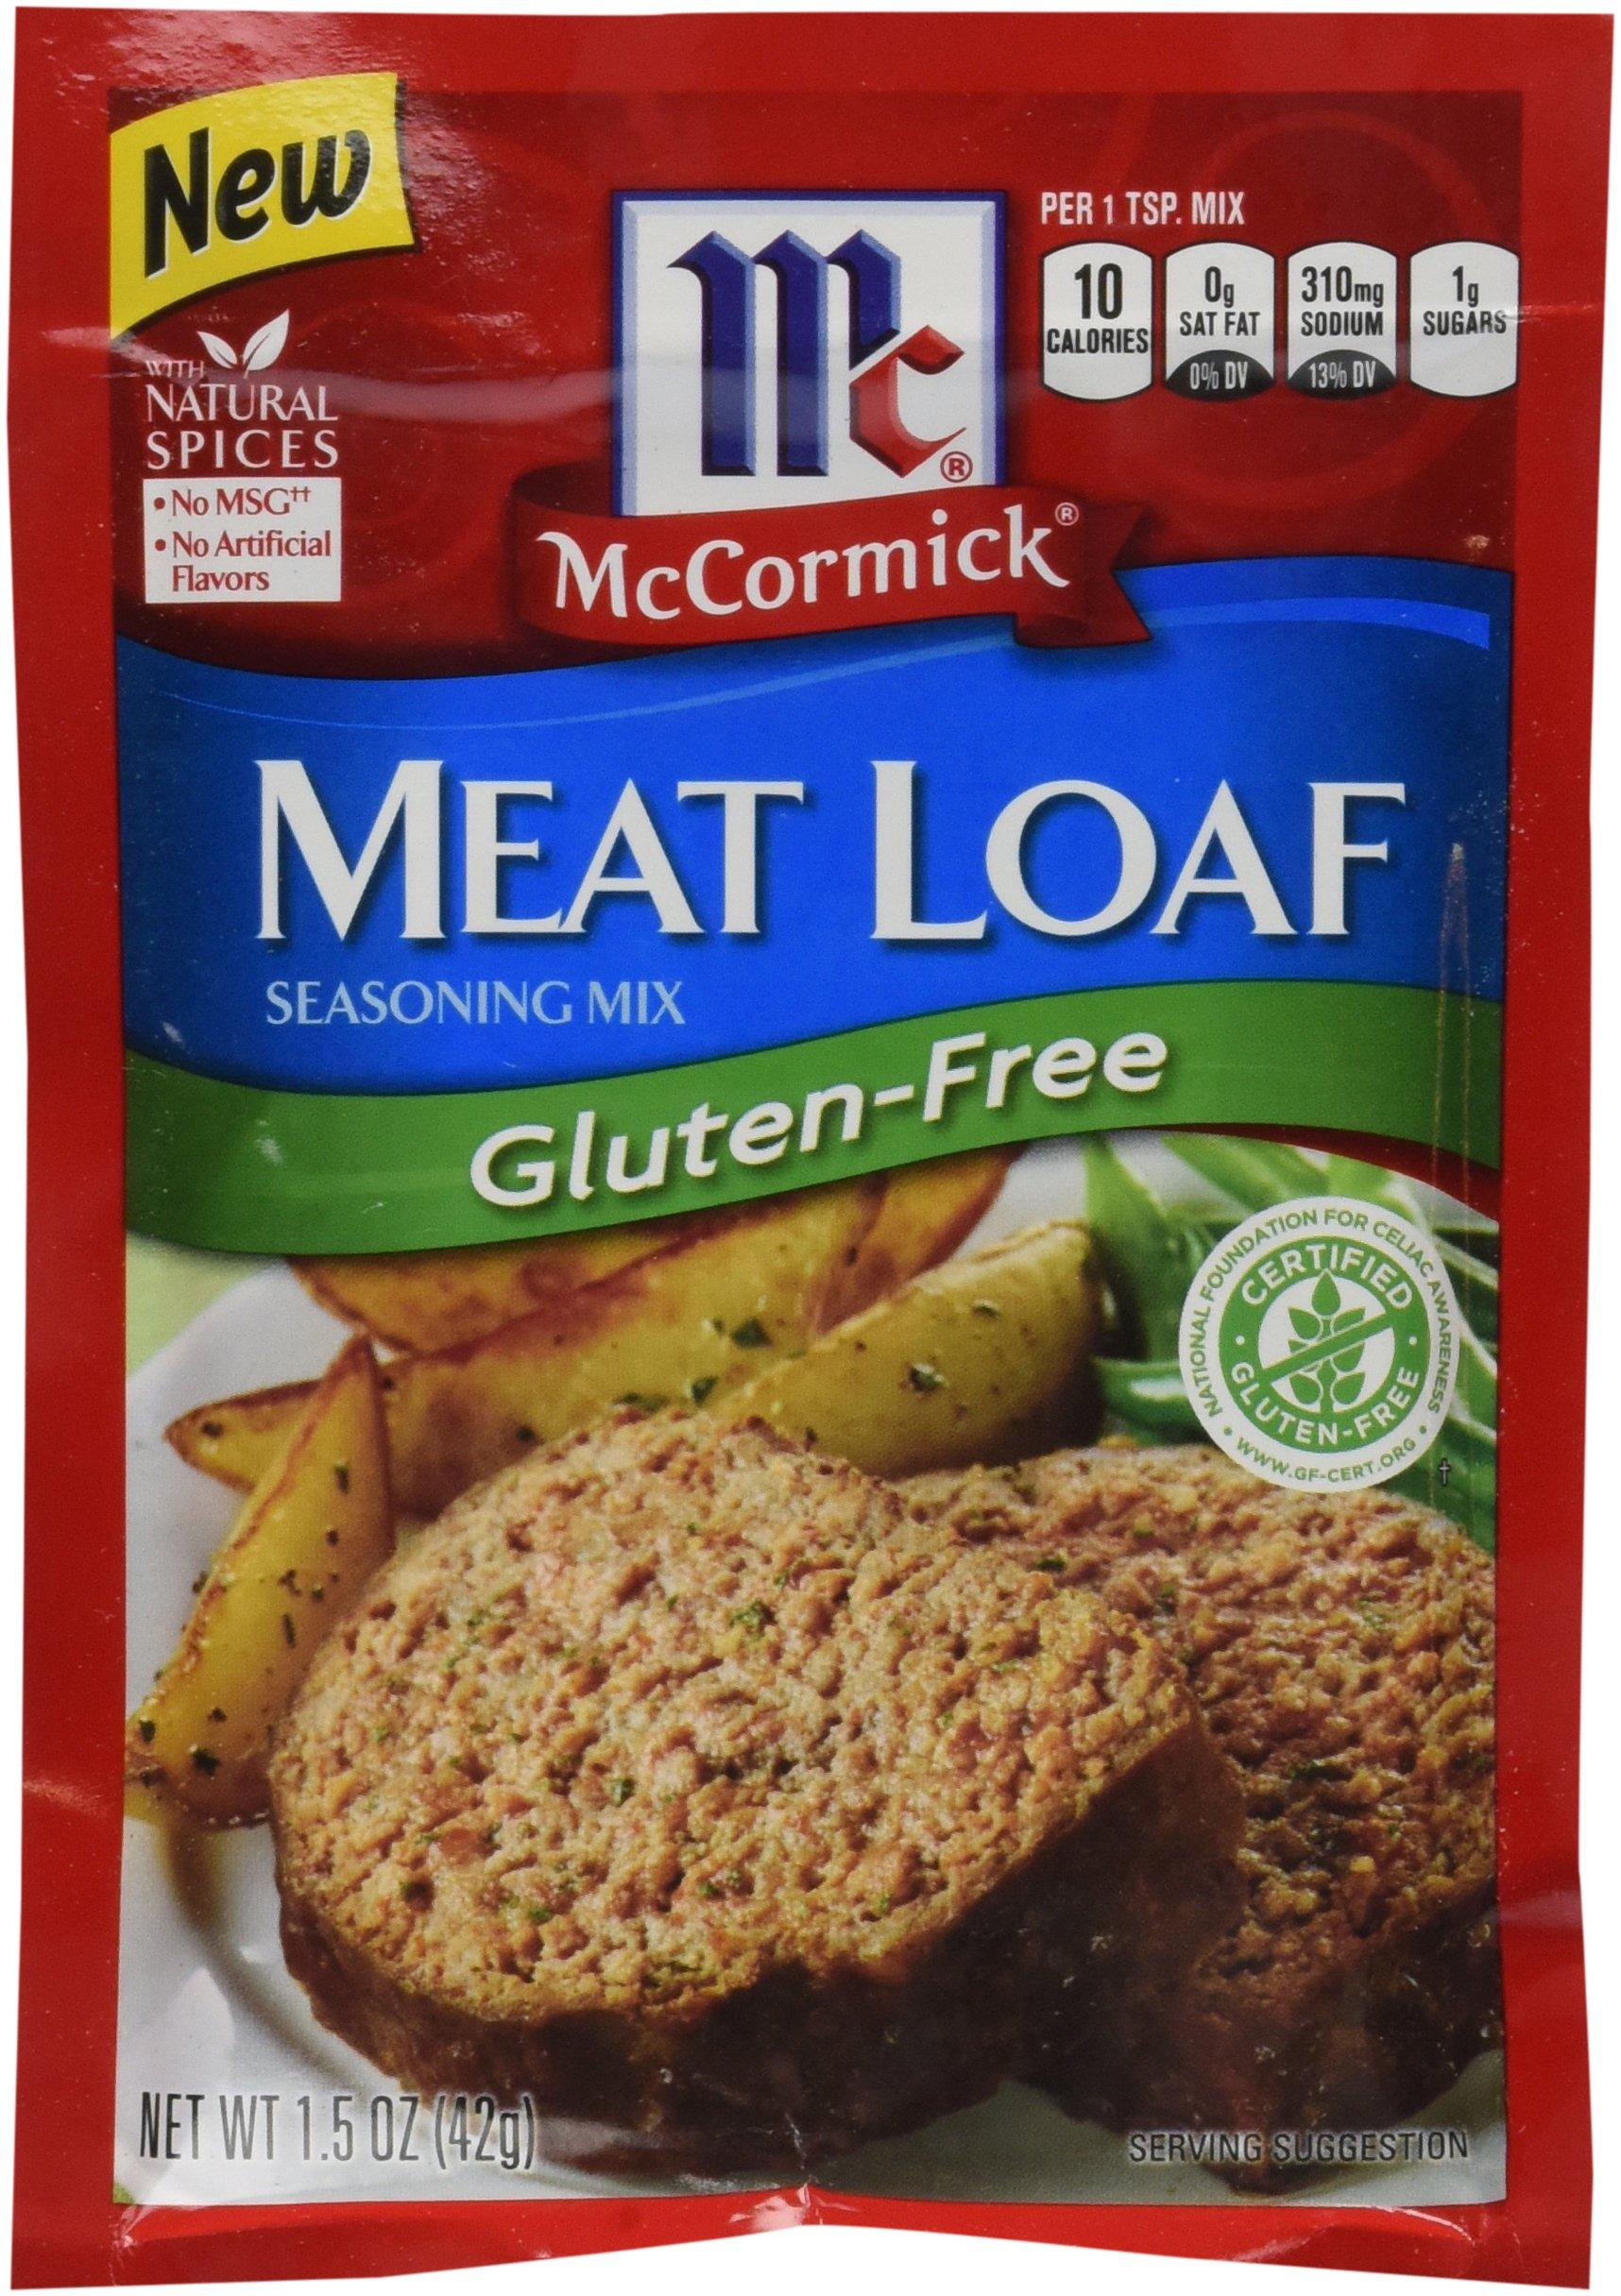 McCormick Gluten Free Meatloaf Seasoning, 1.5 Oz, Pack of 12 by McCormick